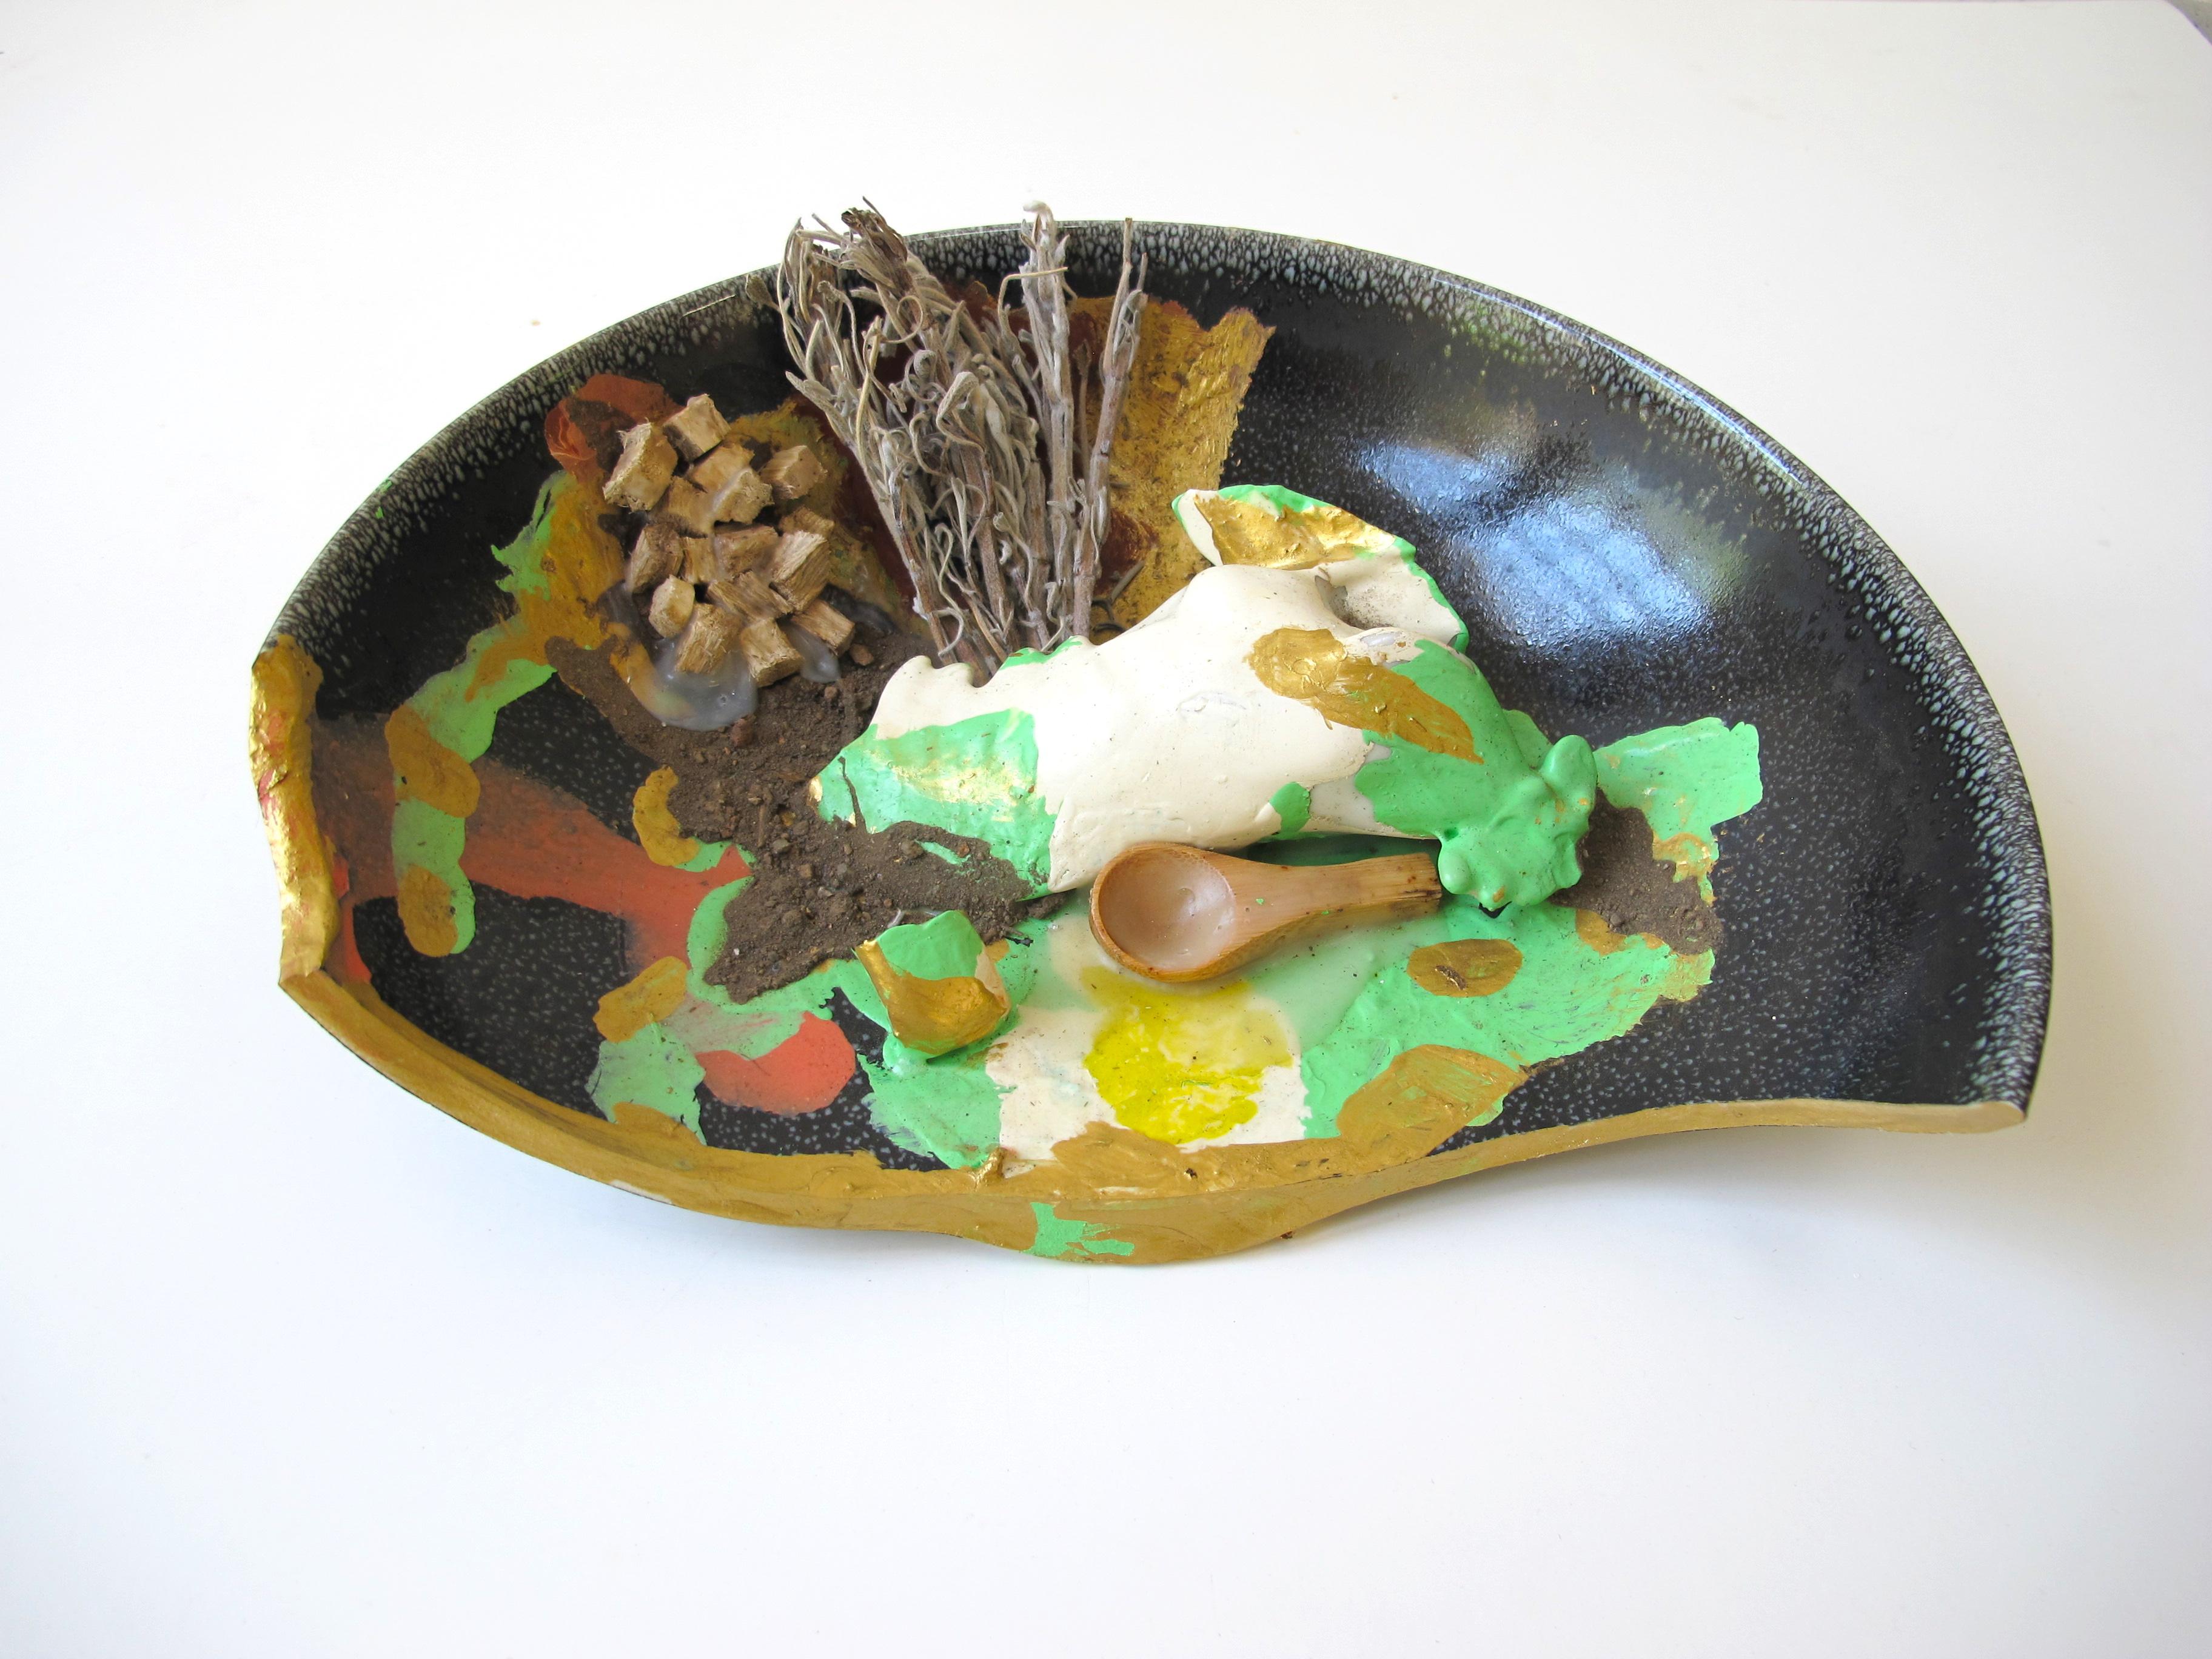 chicken bowl with sage and kudzu